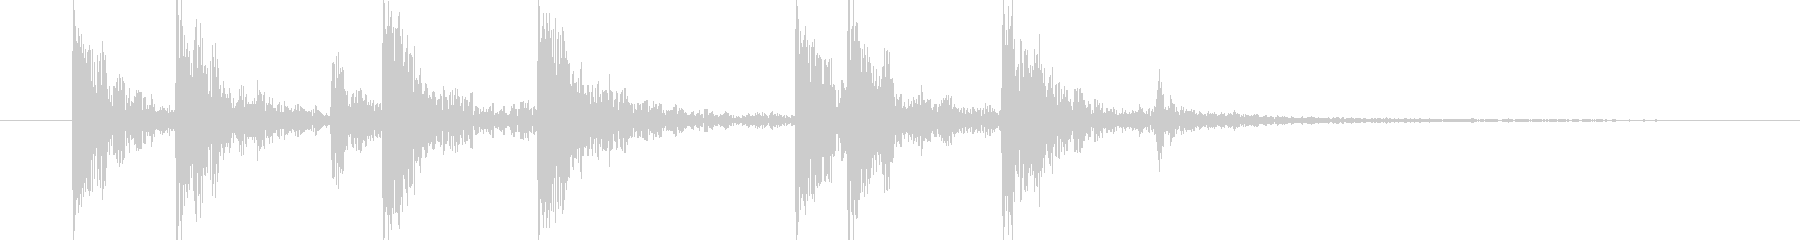 短い和風の効果音 4の未再生の波形